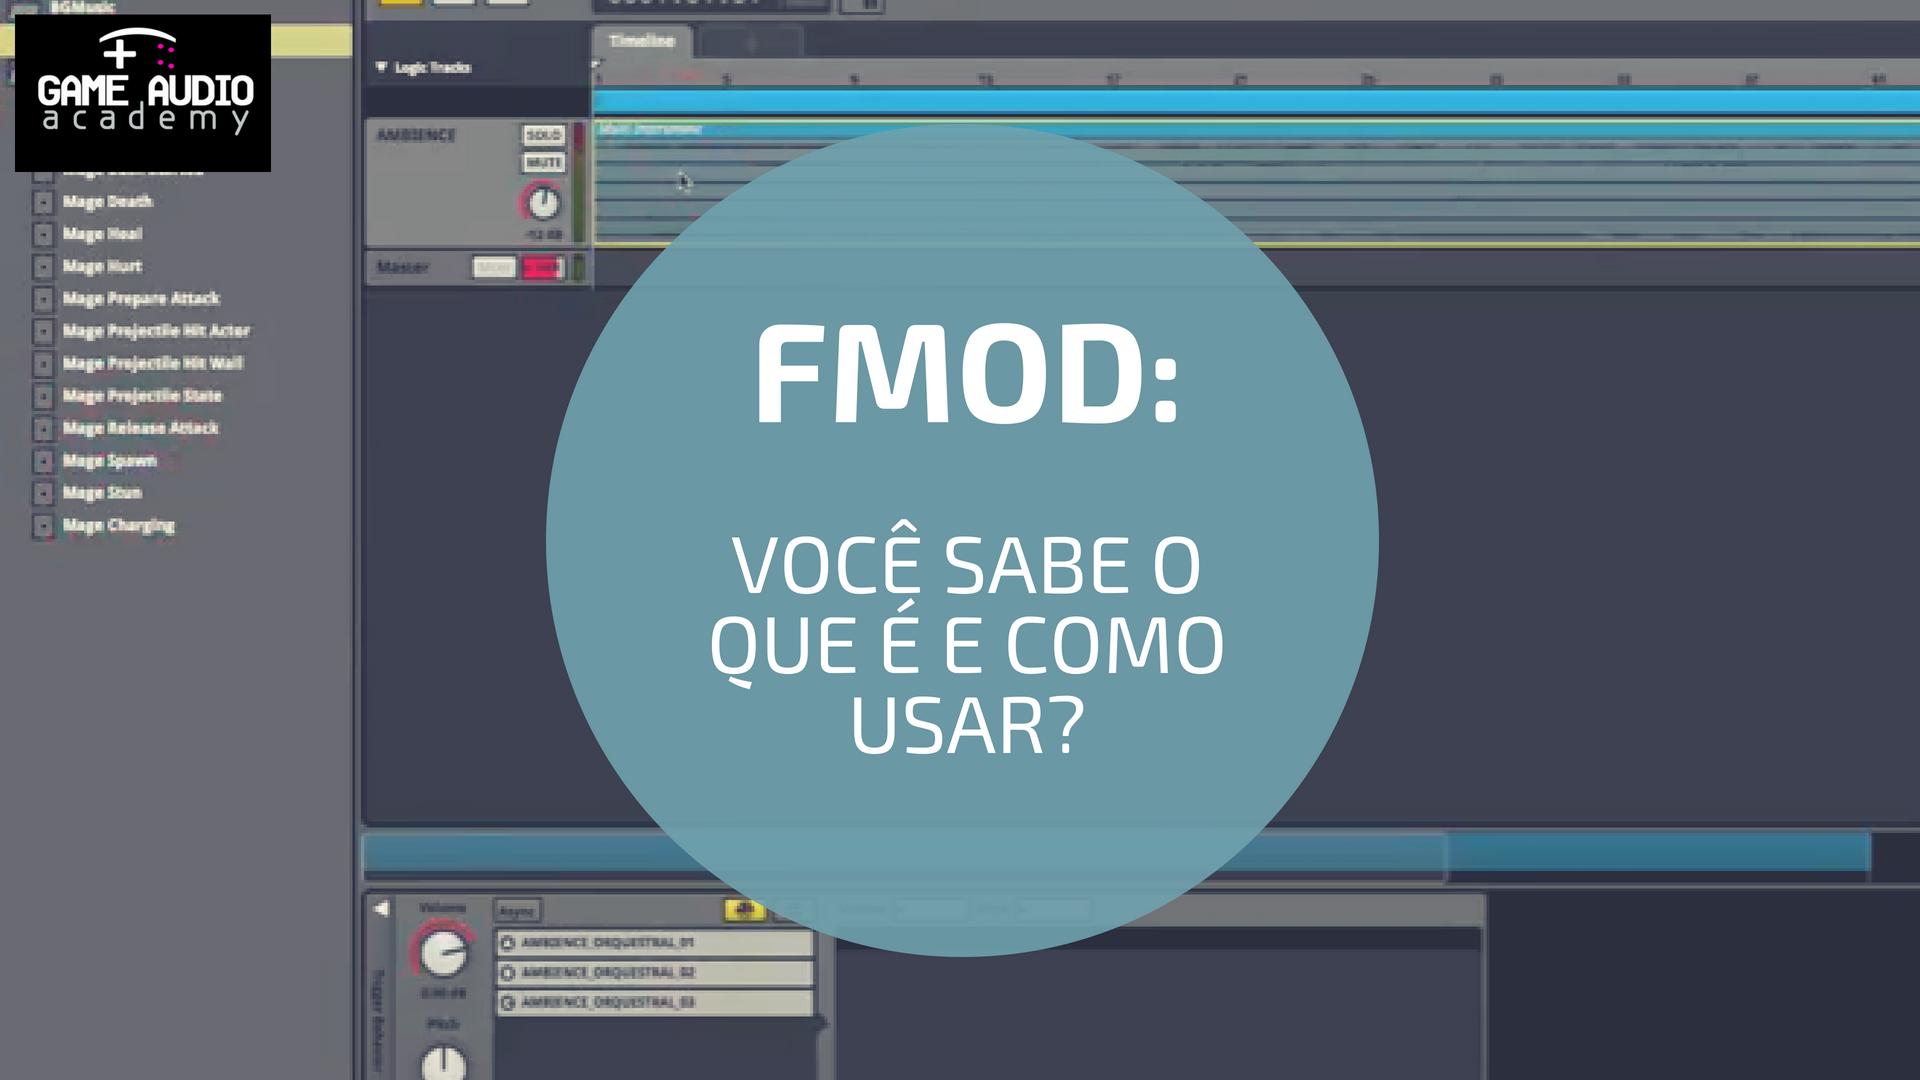 FMOD Capa: Você sabe o que é e como usar?